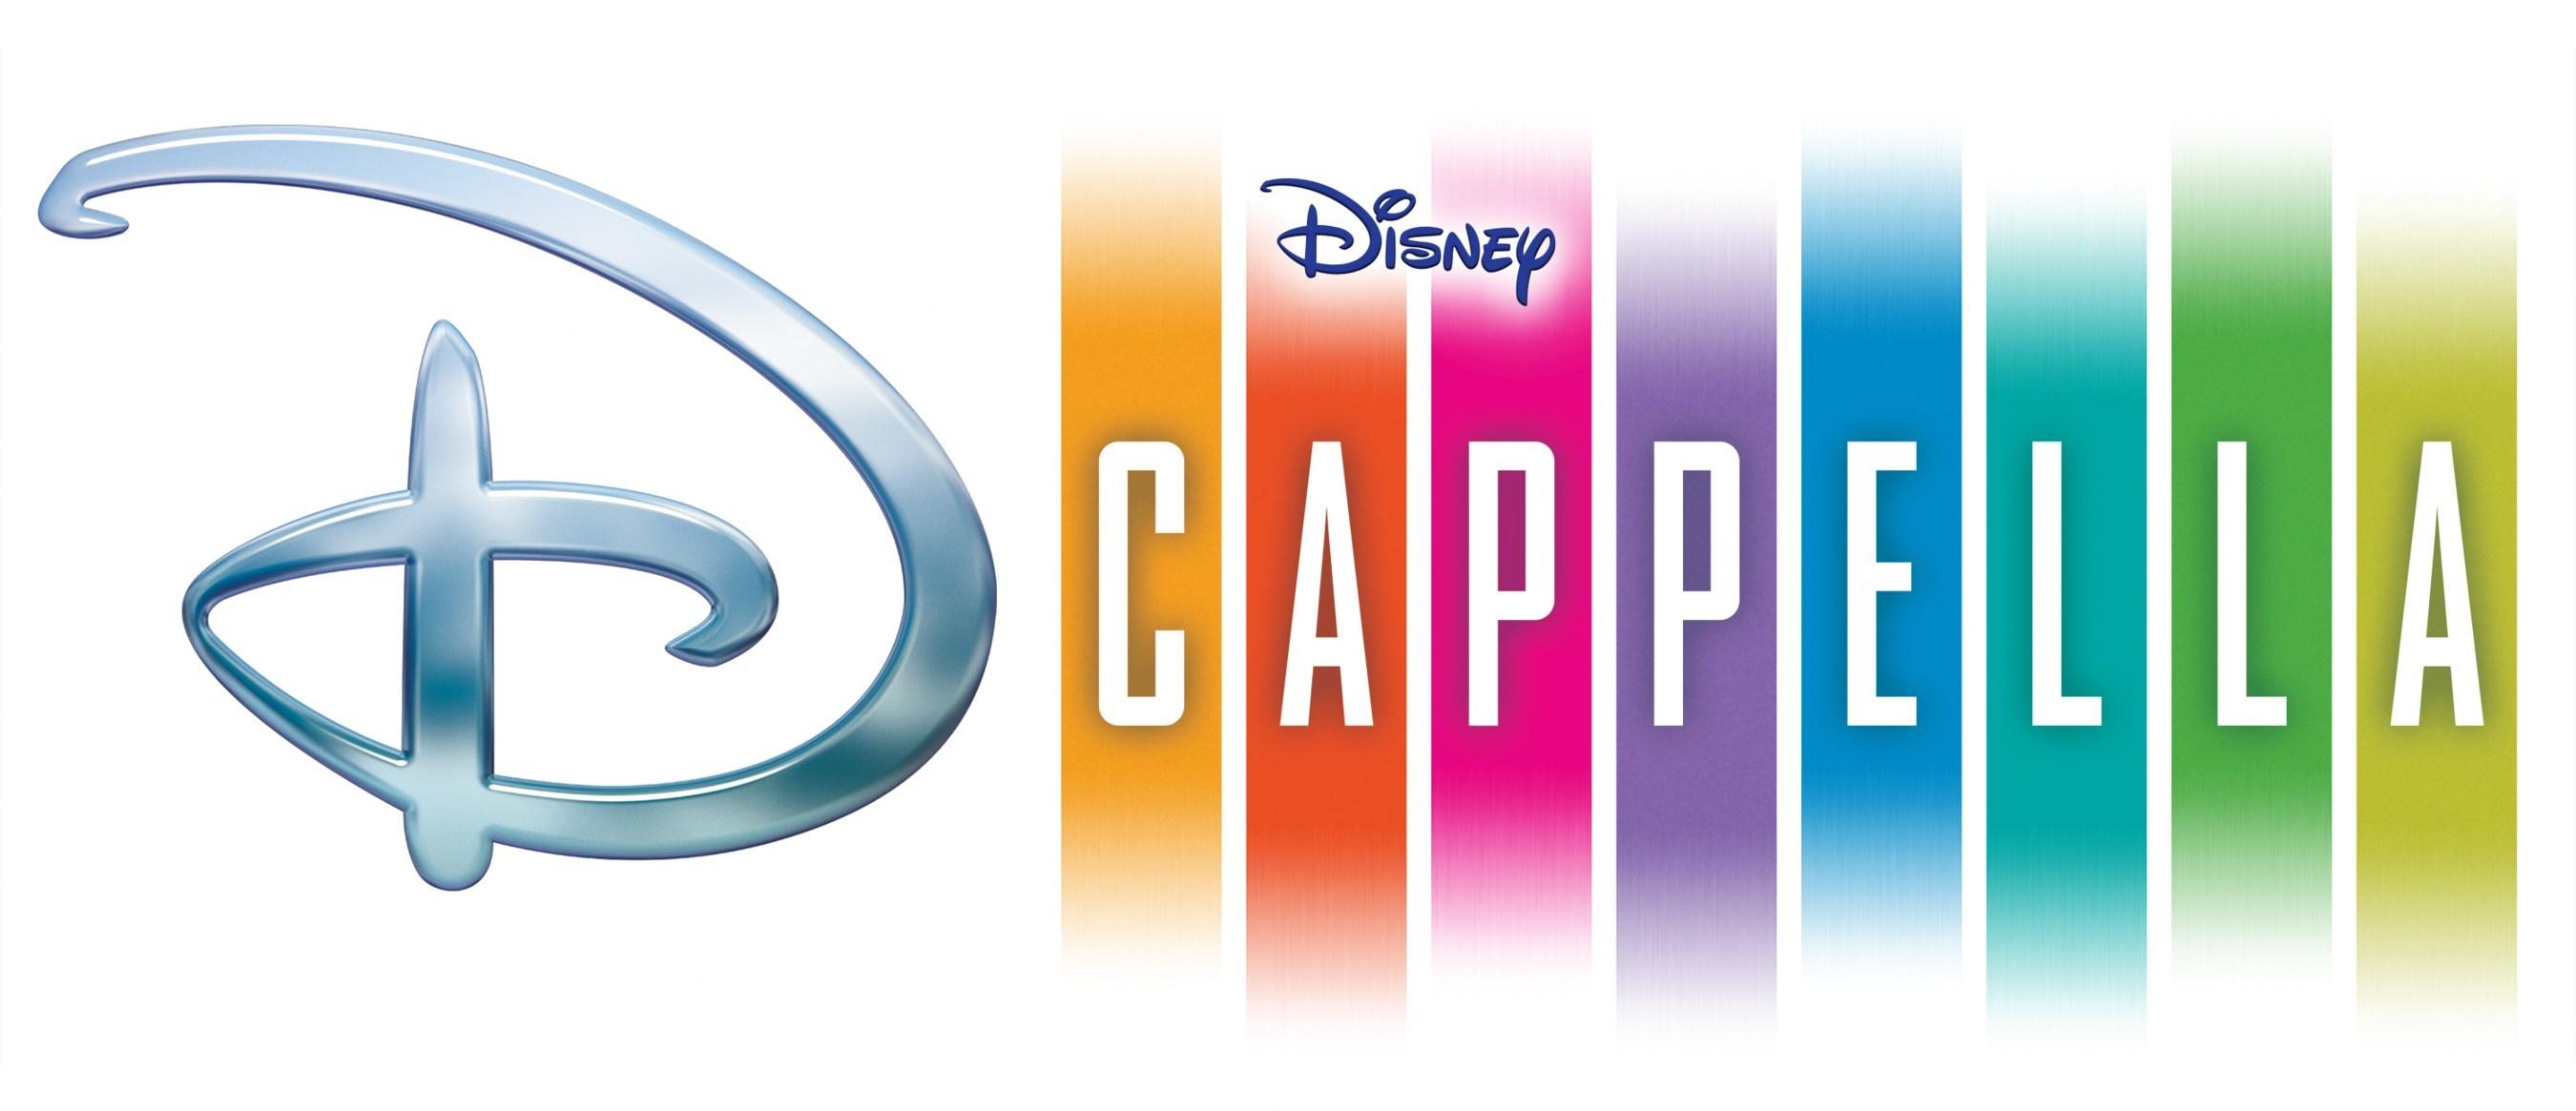 D CAPPELLA logo